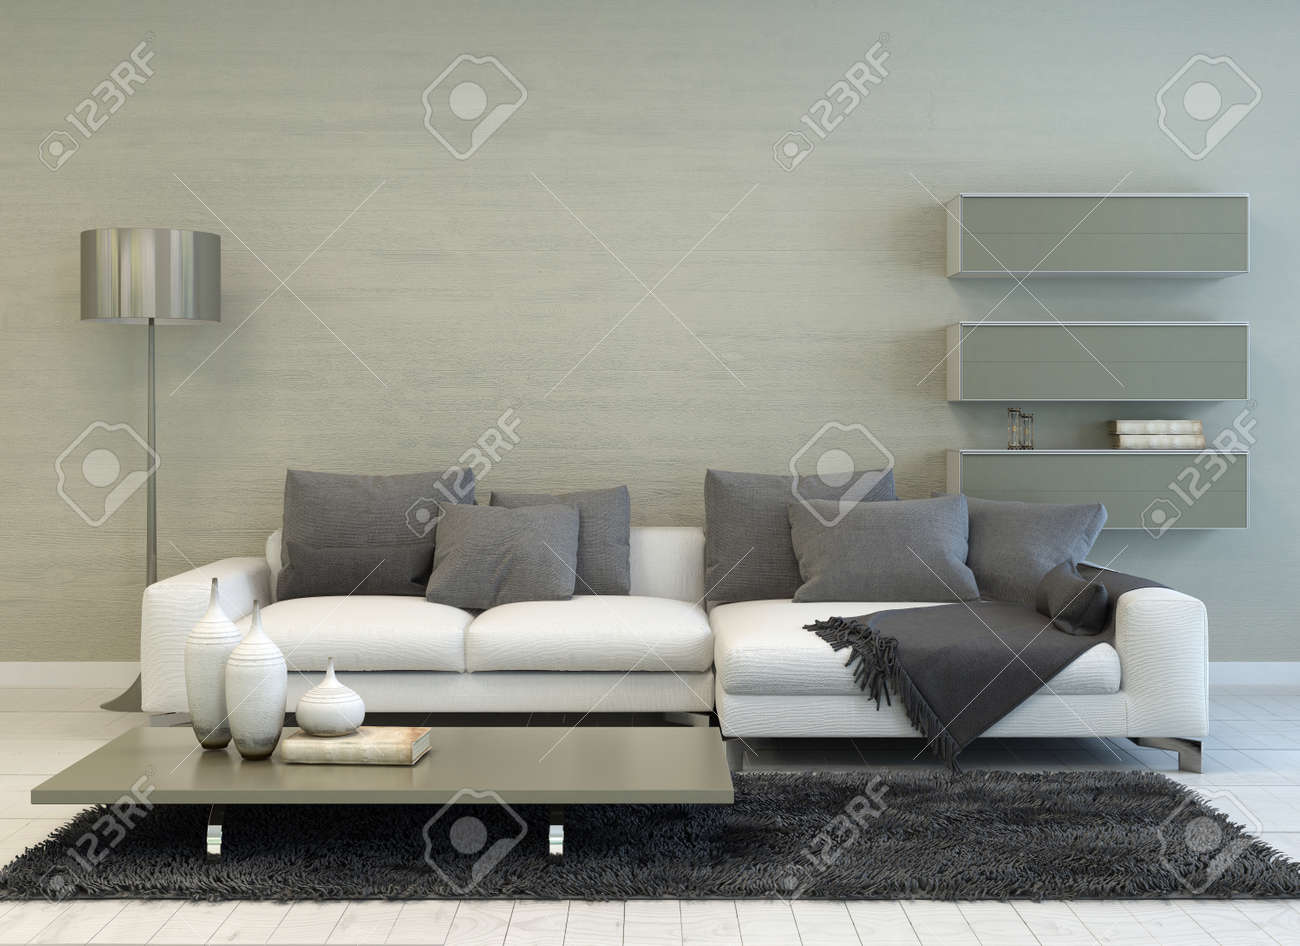 Exquisit Sofa Wohnzimmer Sammlung Von Moderne Graue Und Weiße Mit Stehlampe, Sofa,